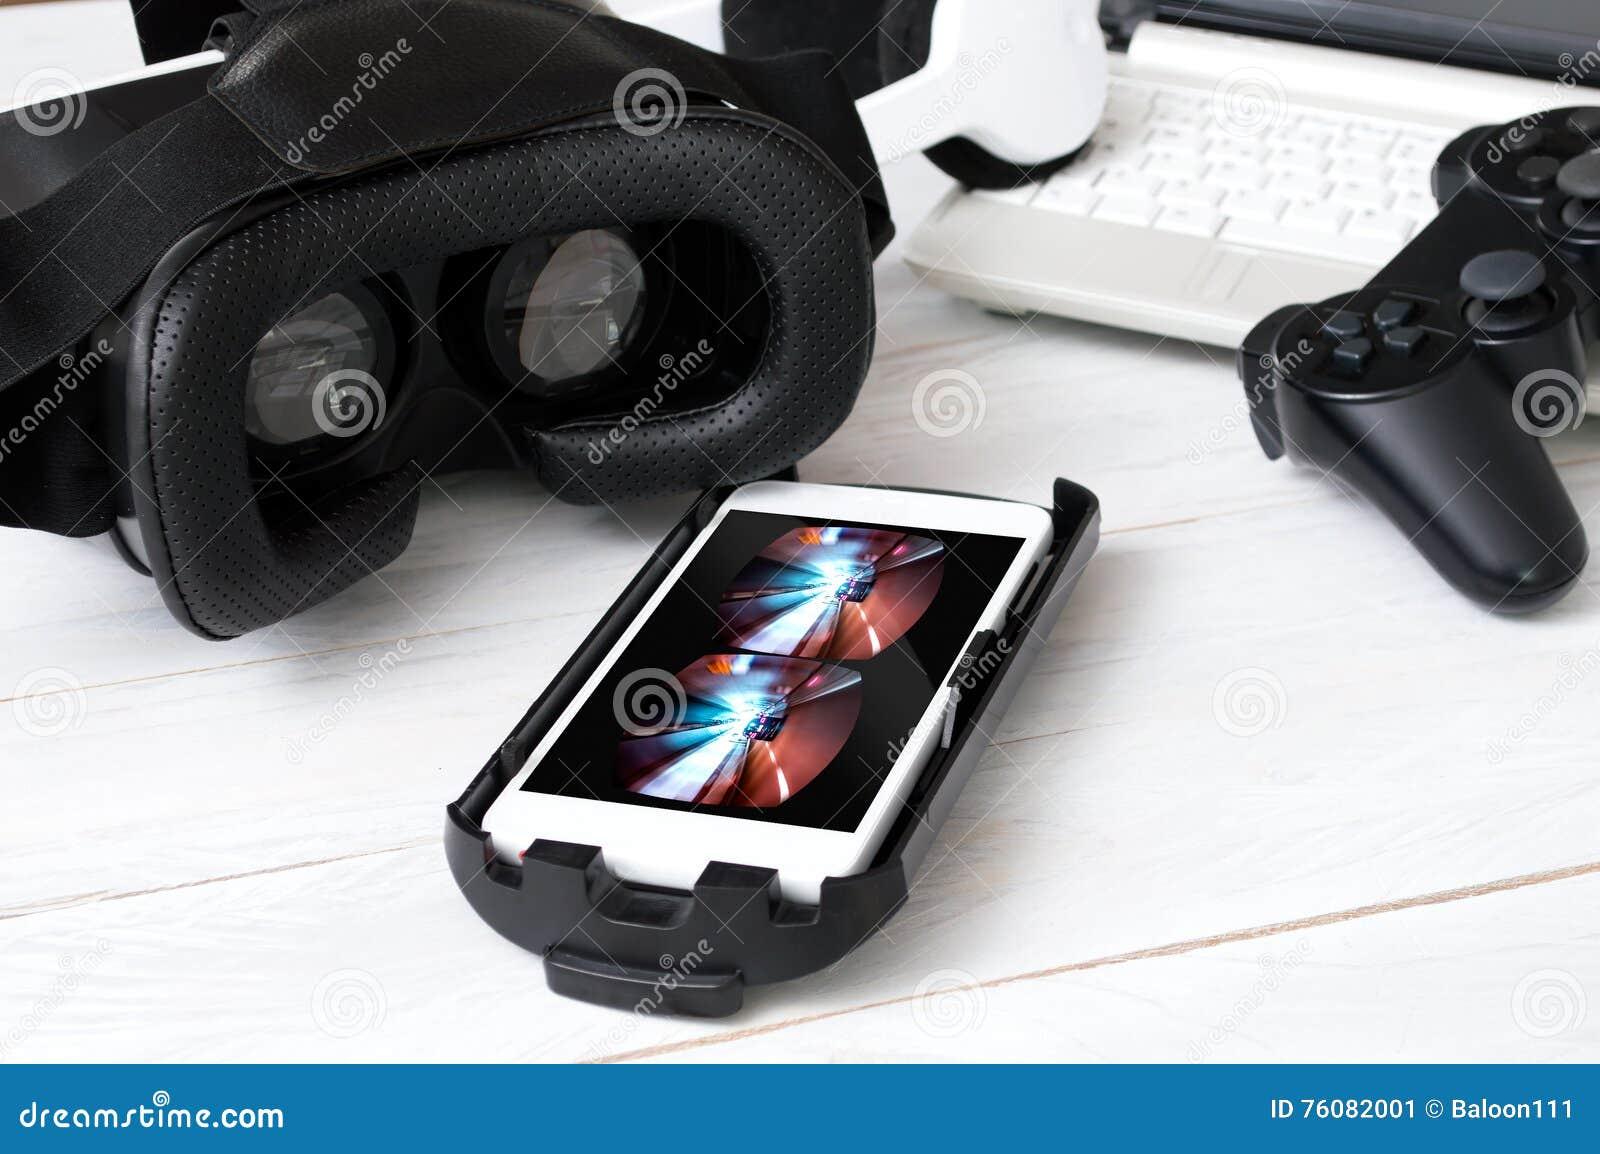 Smartphone s étendant sur le bureau et préparé pour jouer avec VR google